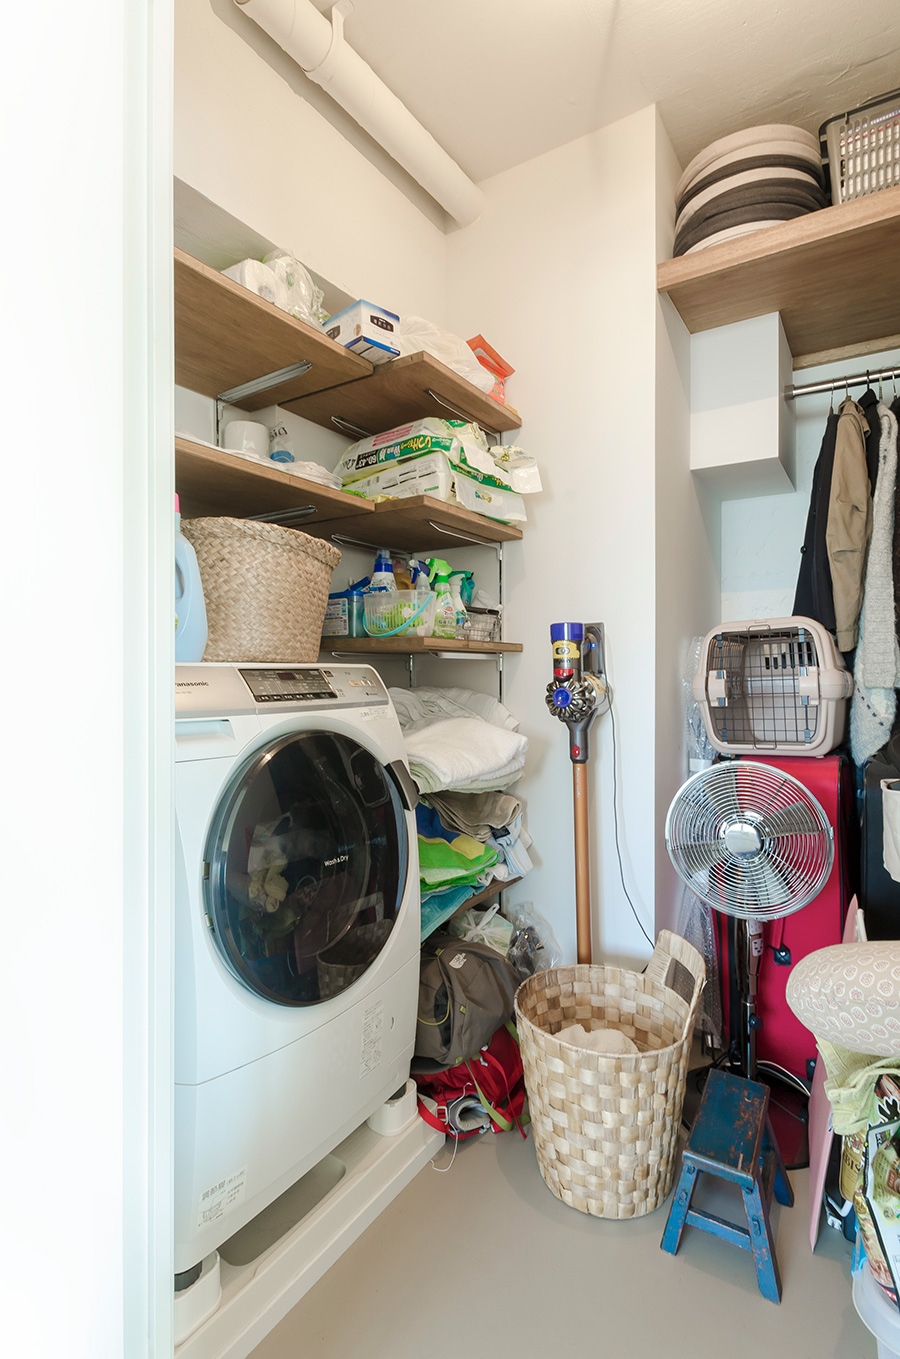 洗濯機も収納できる大きめの納屋で生活感のない空間に。